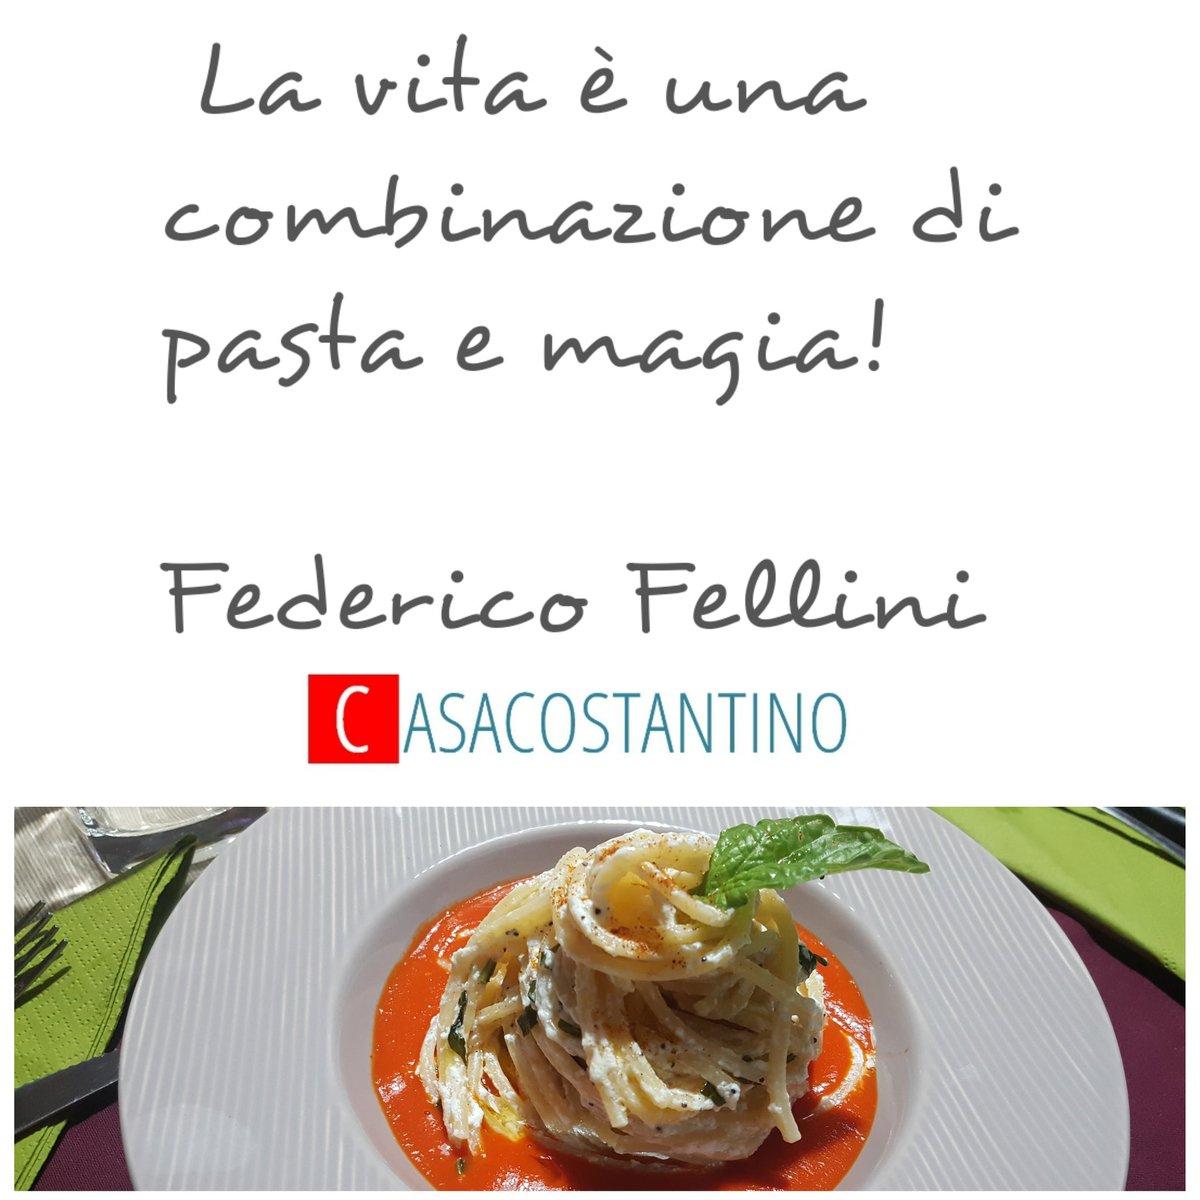 http://ItalyGourmet.co #Cucina #ItalianRecipesLa vita è una combinazione di #pasta e magia. #mood #casacostantino #food #ricetta #recipe #madeinitalyhttps://t.co/88Z60qrhLi — Casacostantino (@casacostantino1) January 7, 2018 - Ukustom